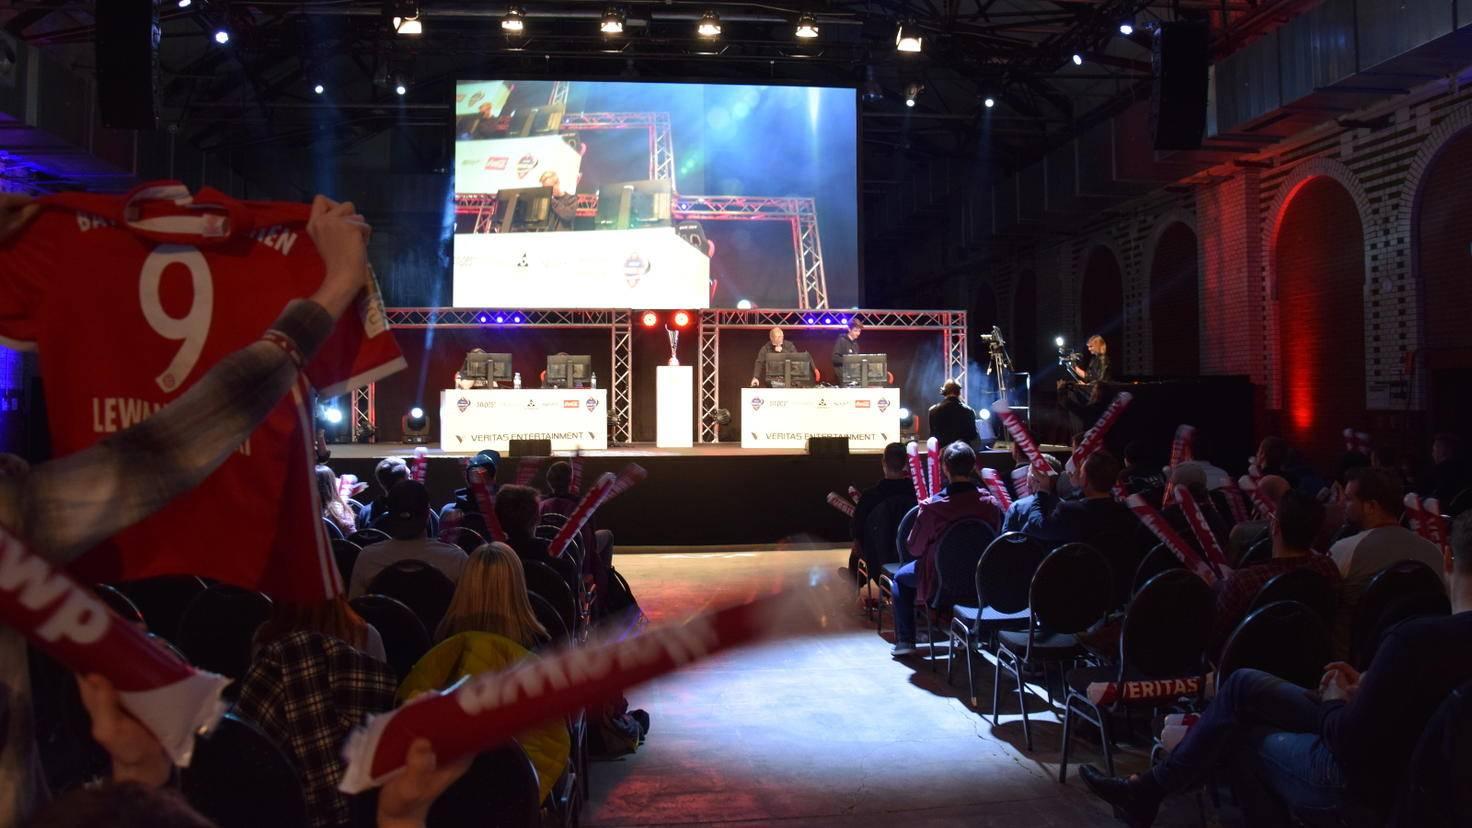 Finale! Die Spieler betreten unter großem Applaus die Bühne.